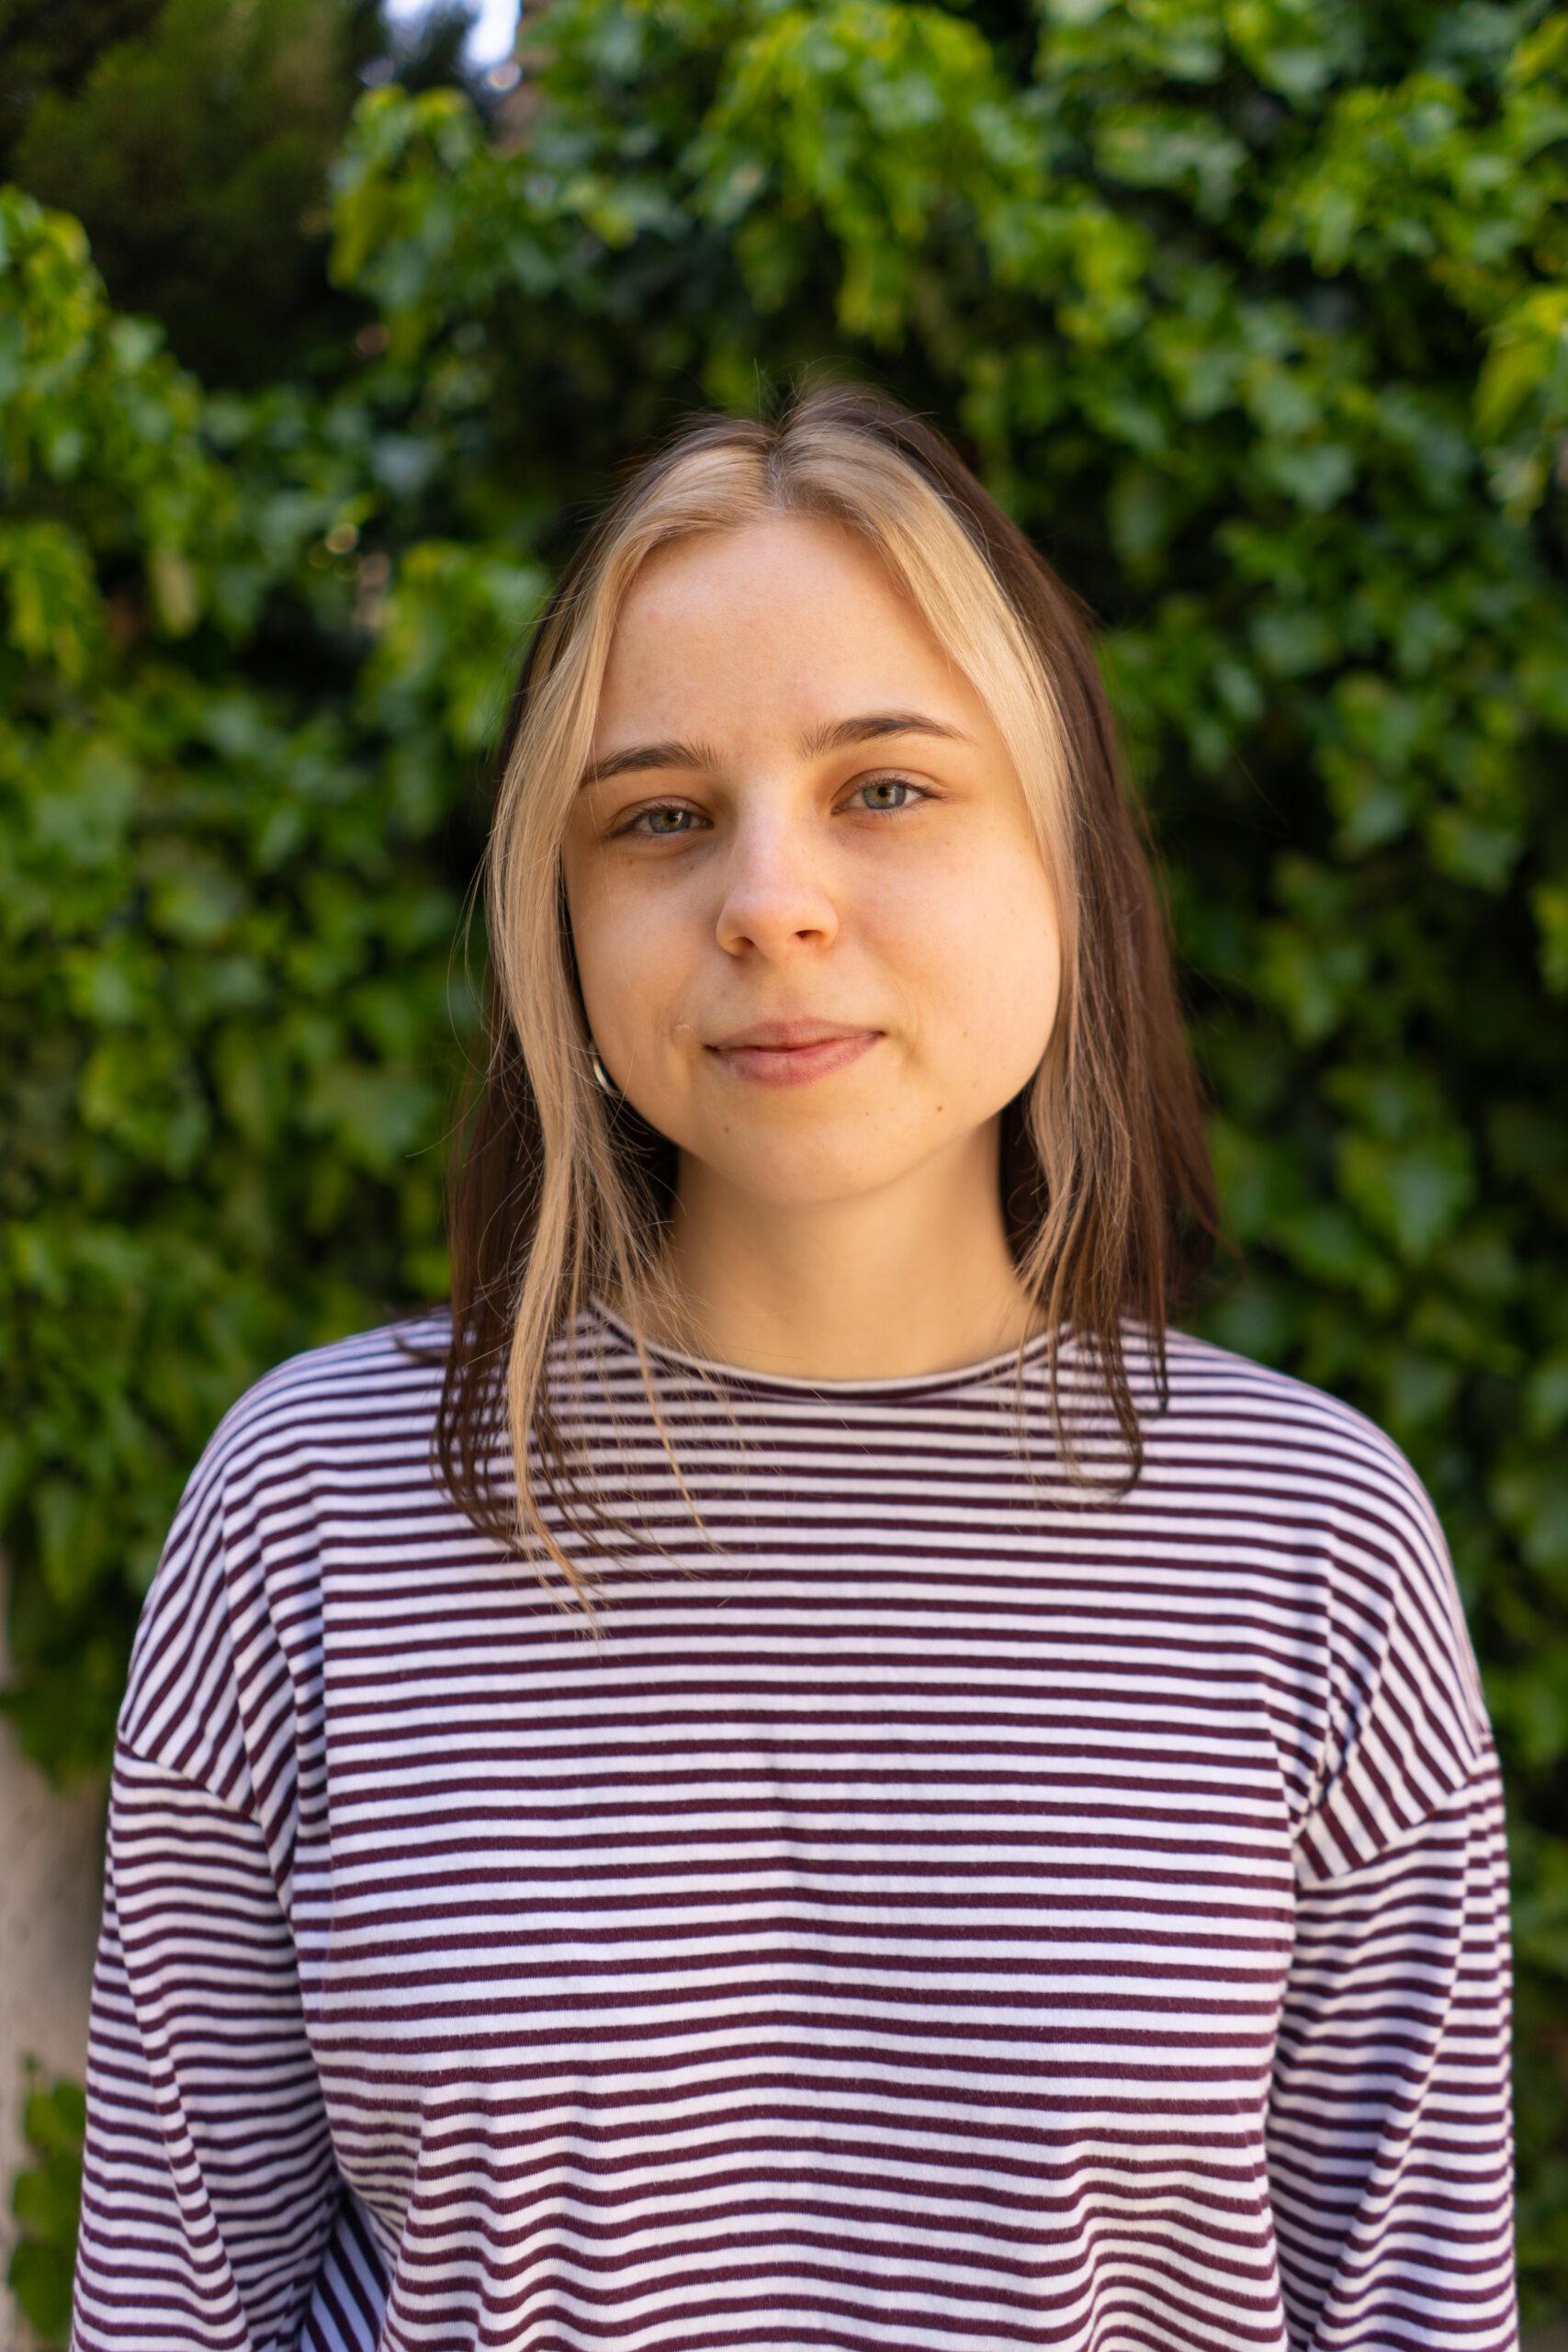 Ludmila Cmarkova